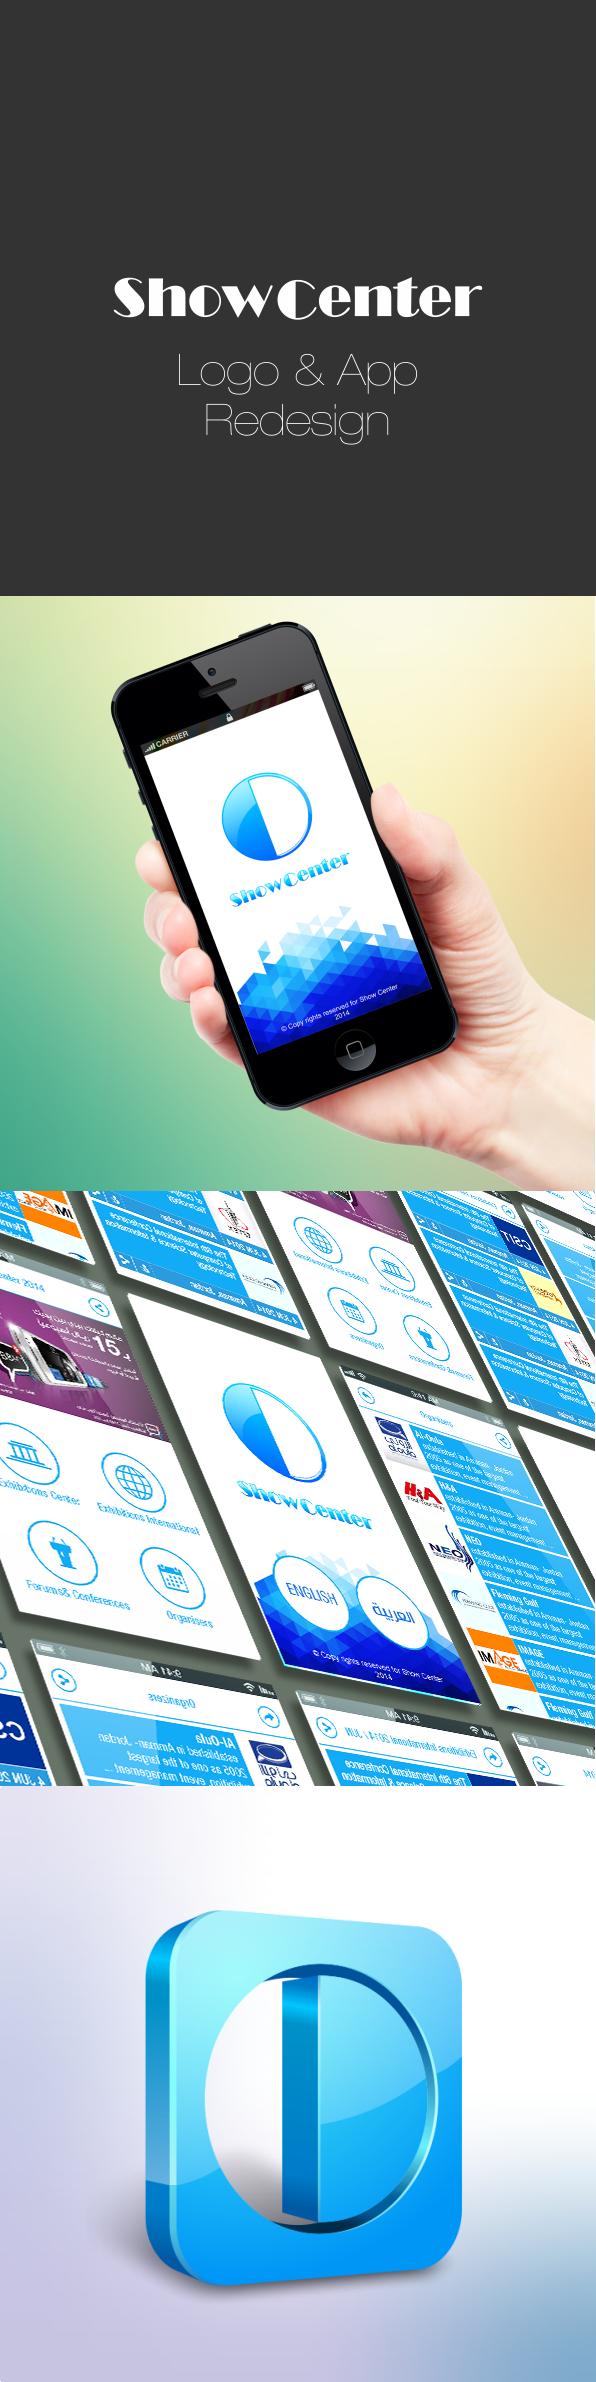 Show Center App Re-Design